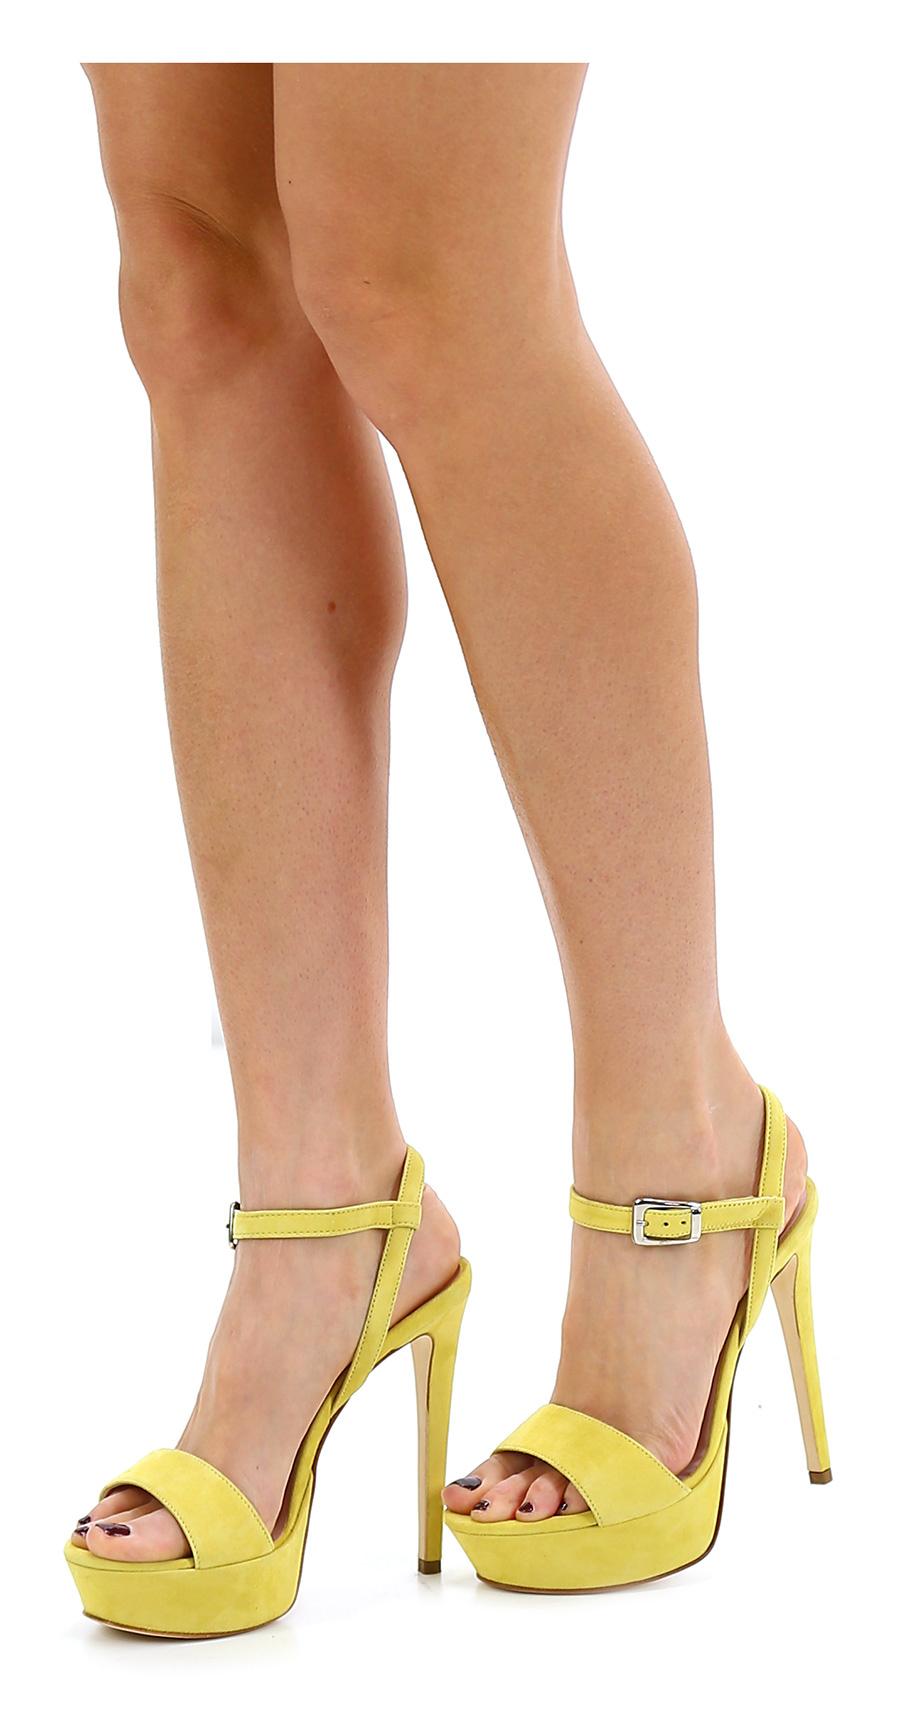 Sandalo alto Giallo Chon Verschleißfeste billige Schuhe